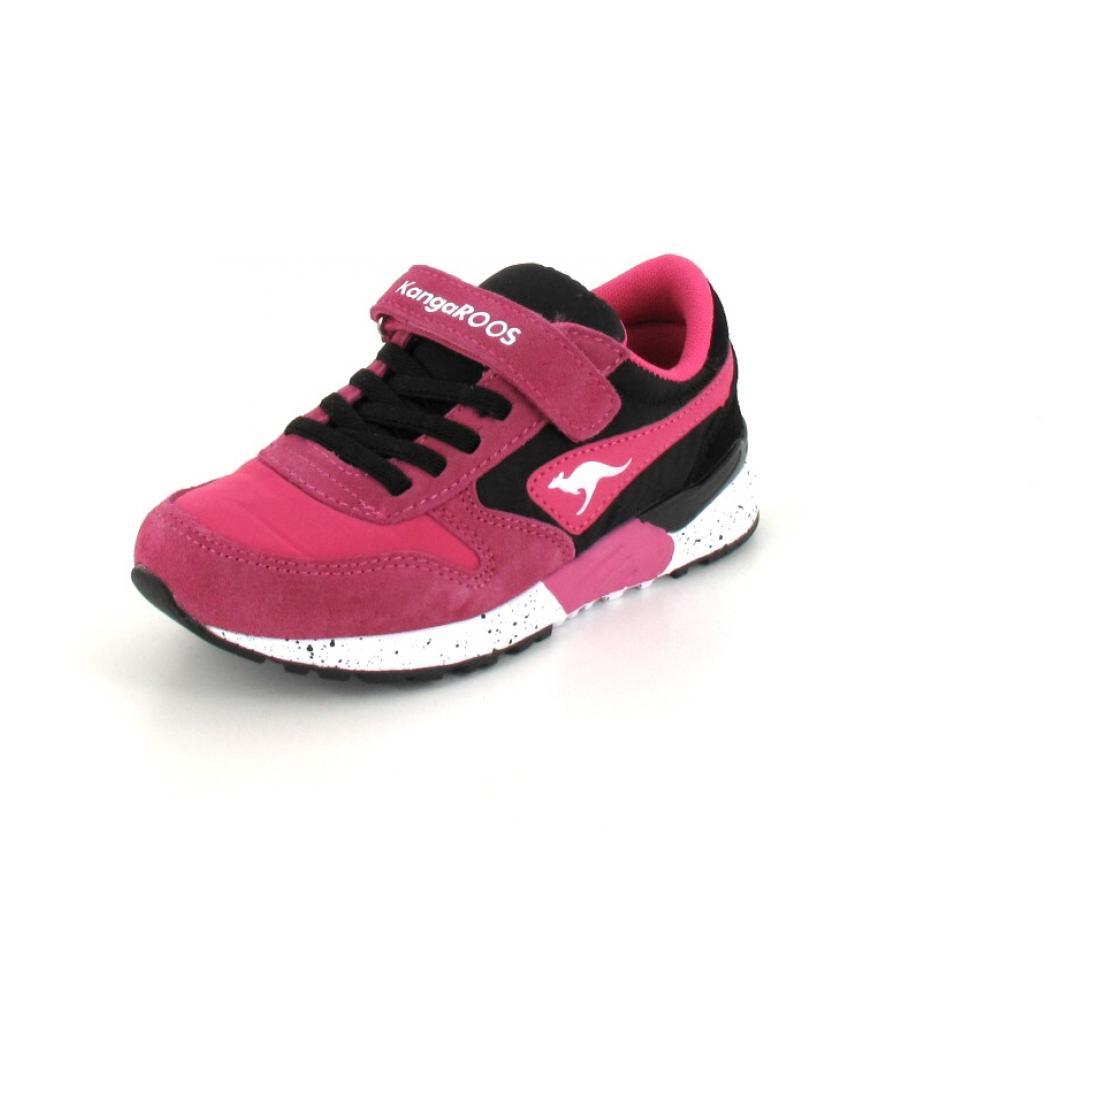 KangaRoos Sneaker Chinu